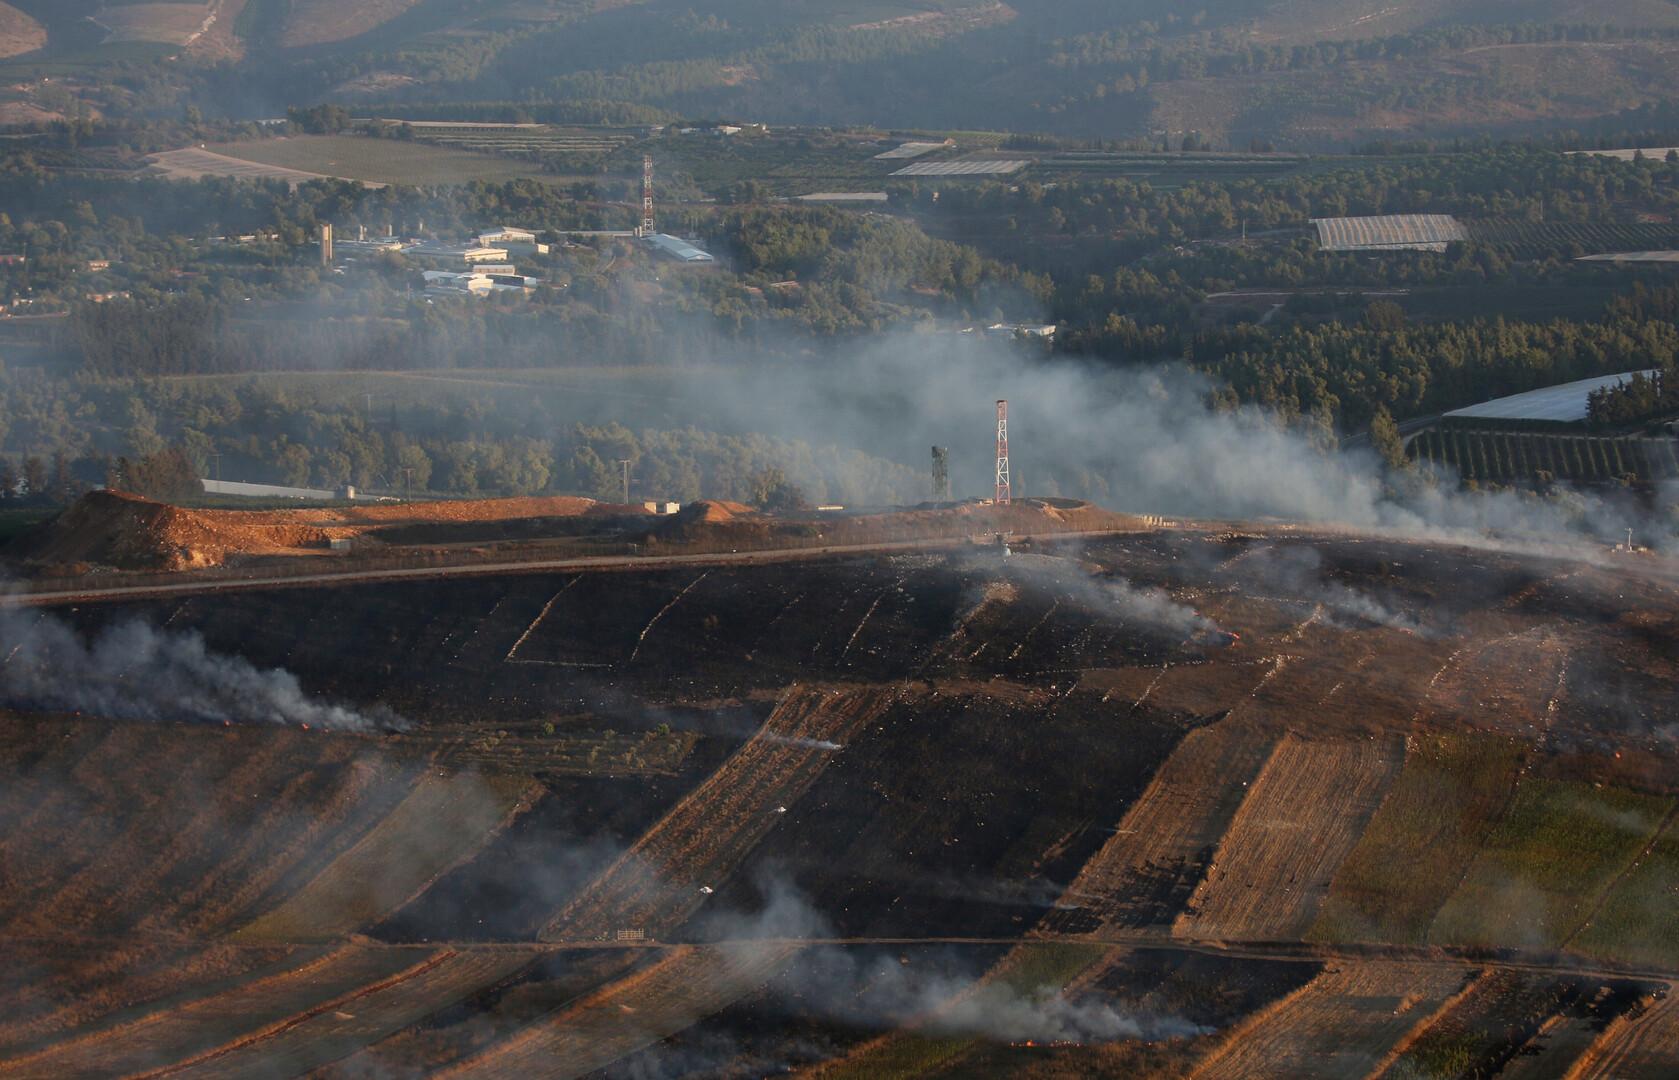 الهدوء يعود إلى الحدود اللبنانية الإسرائيلية بعد تصعيد جديد